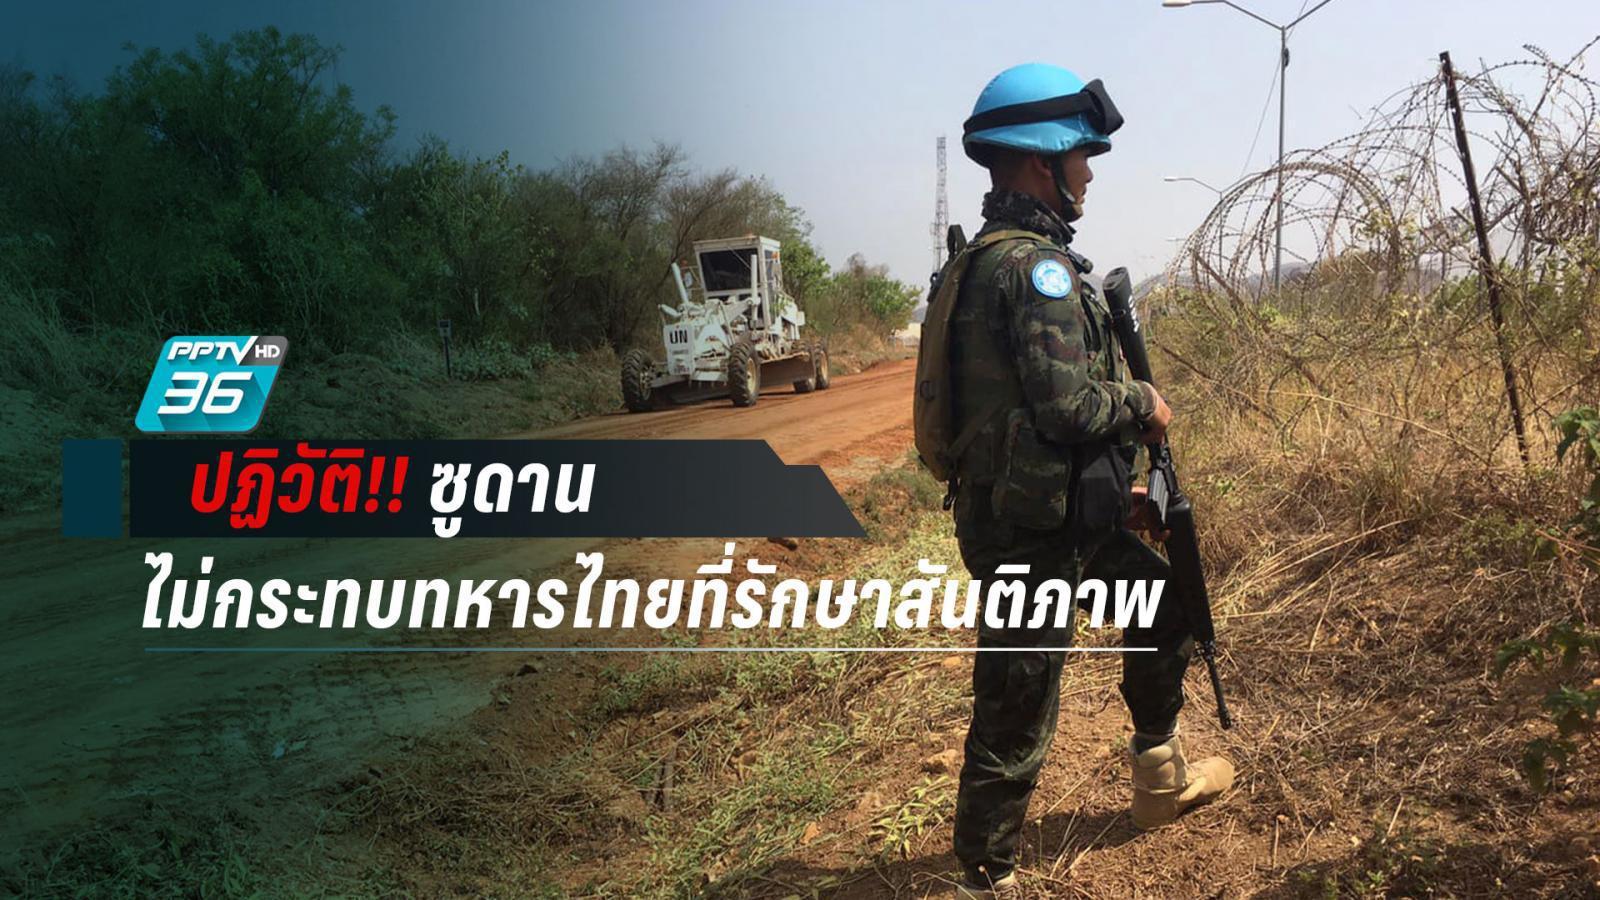 """ผบ.ทสส. ยัน """"ปฏิวัติซูดาน"""" ไม่กระทบทหารไทยที่ไปรักษาสันติภาพ"""